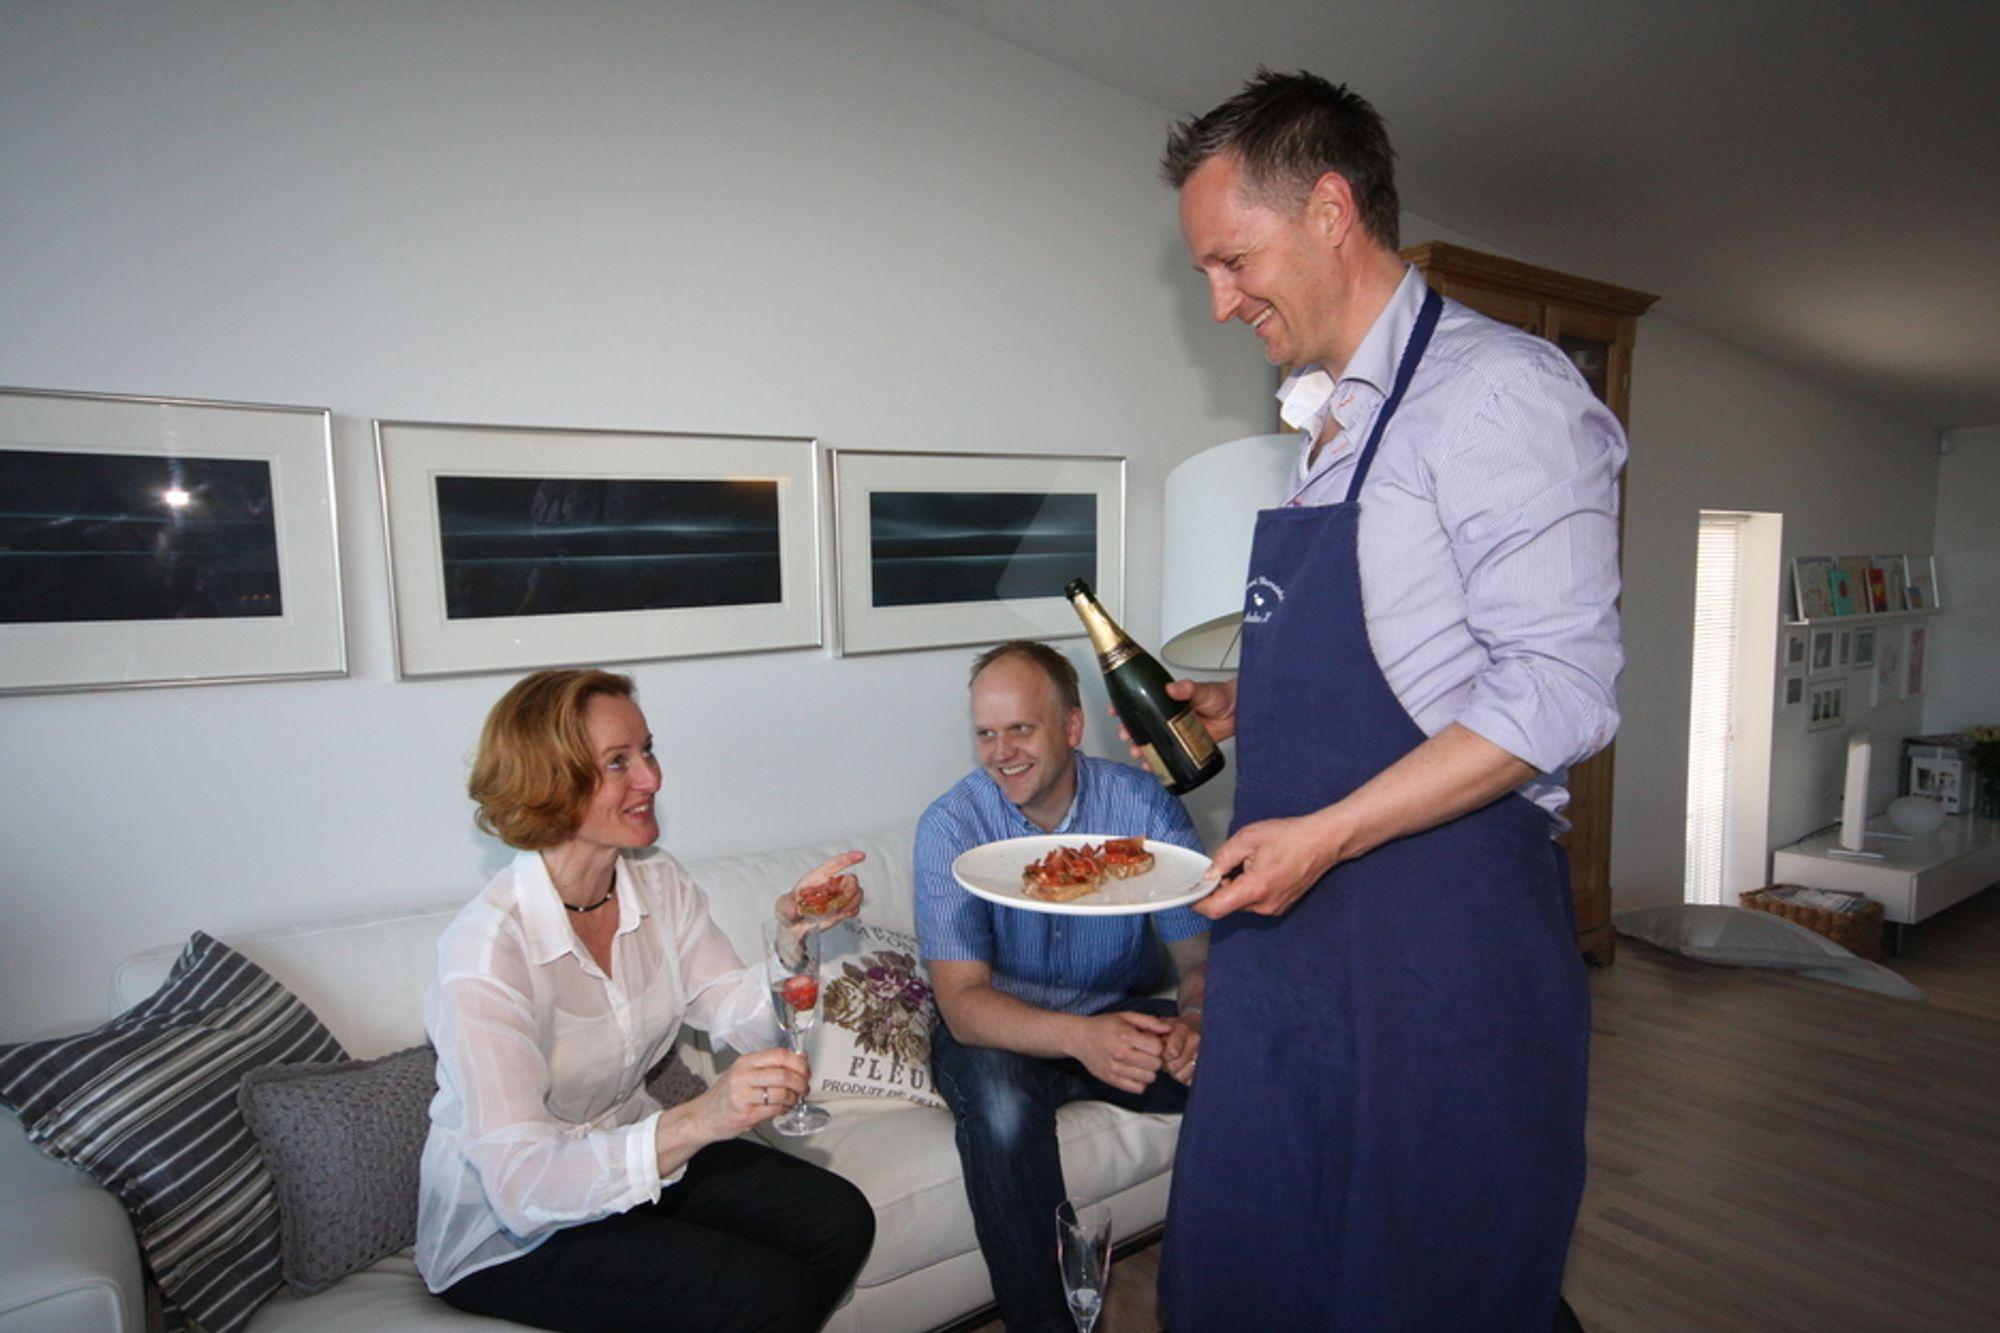 """NY ROLLE: Adm. dir. Anders Lier hos Itera Consulting har påtatt seg rollen som kjøkkensjef à la """"Firestjerners middag"""" og serverer konserndirektør Merete Jordal og seniorkonsulent Øyvind Kringlebotn en apetittvekker før festmåltidet."""